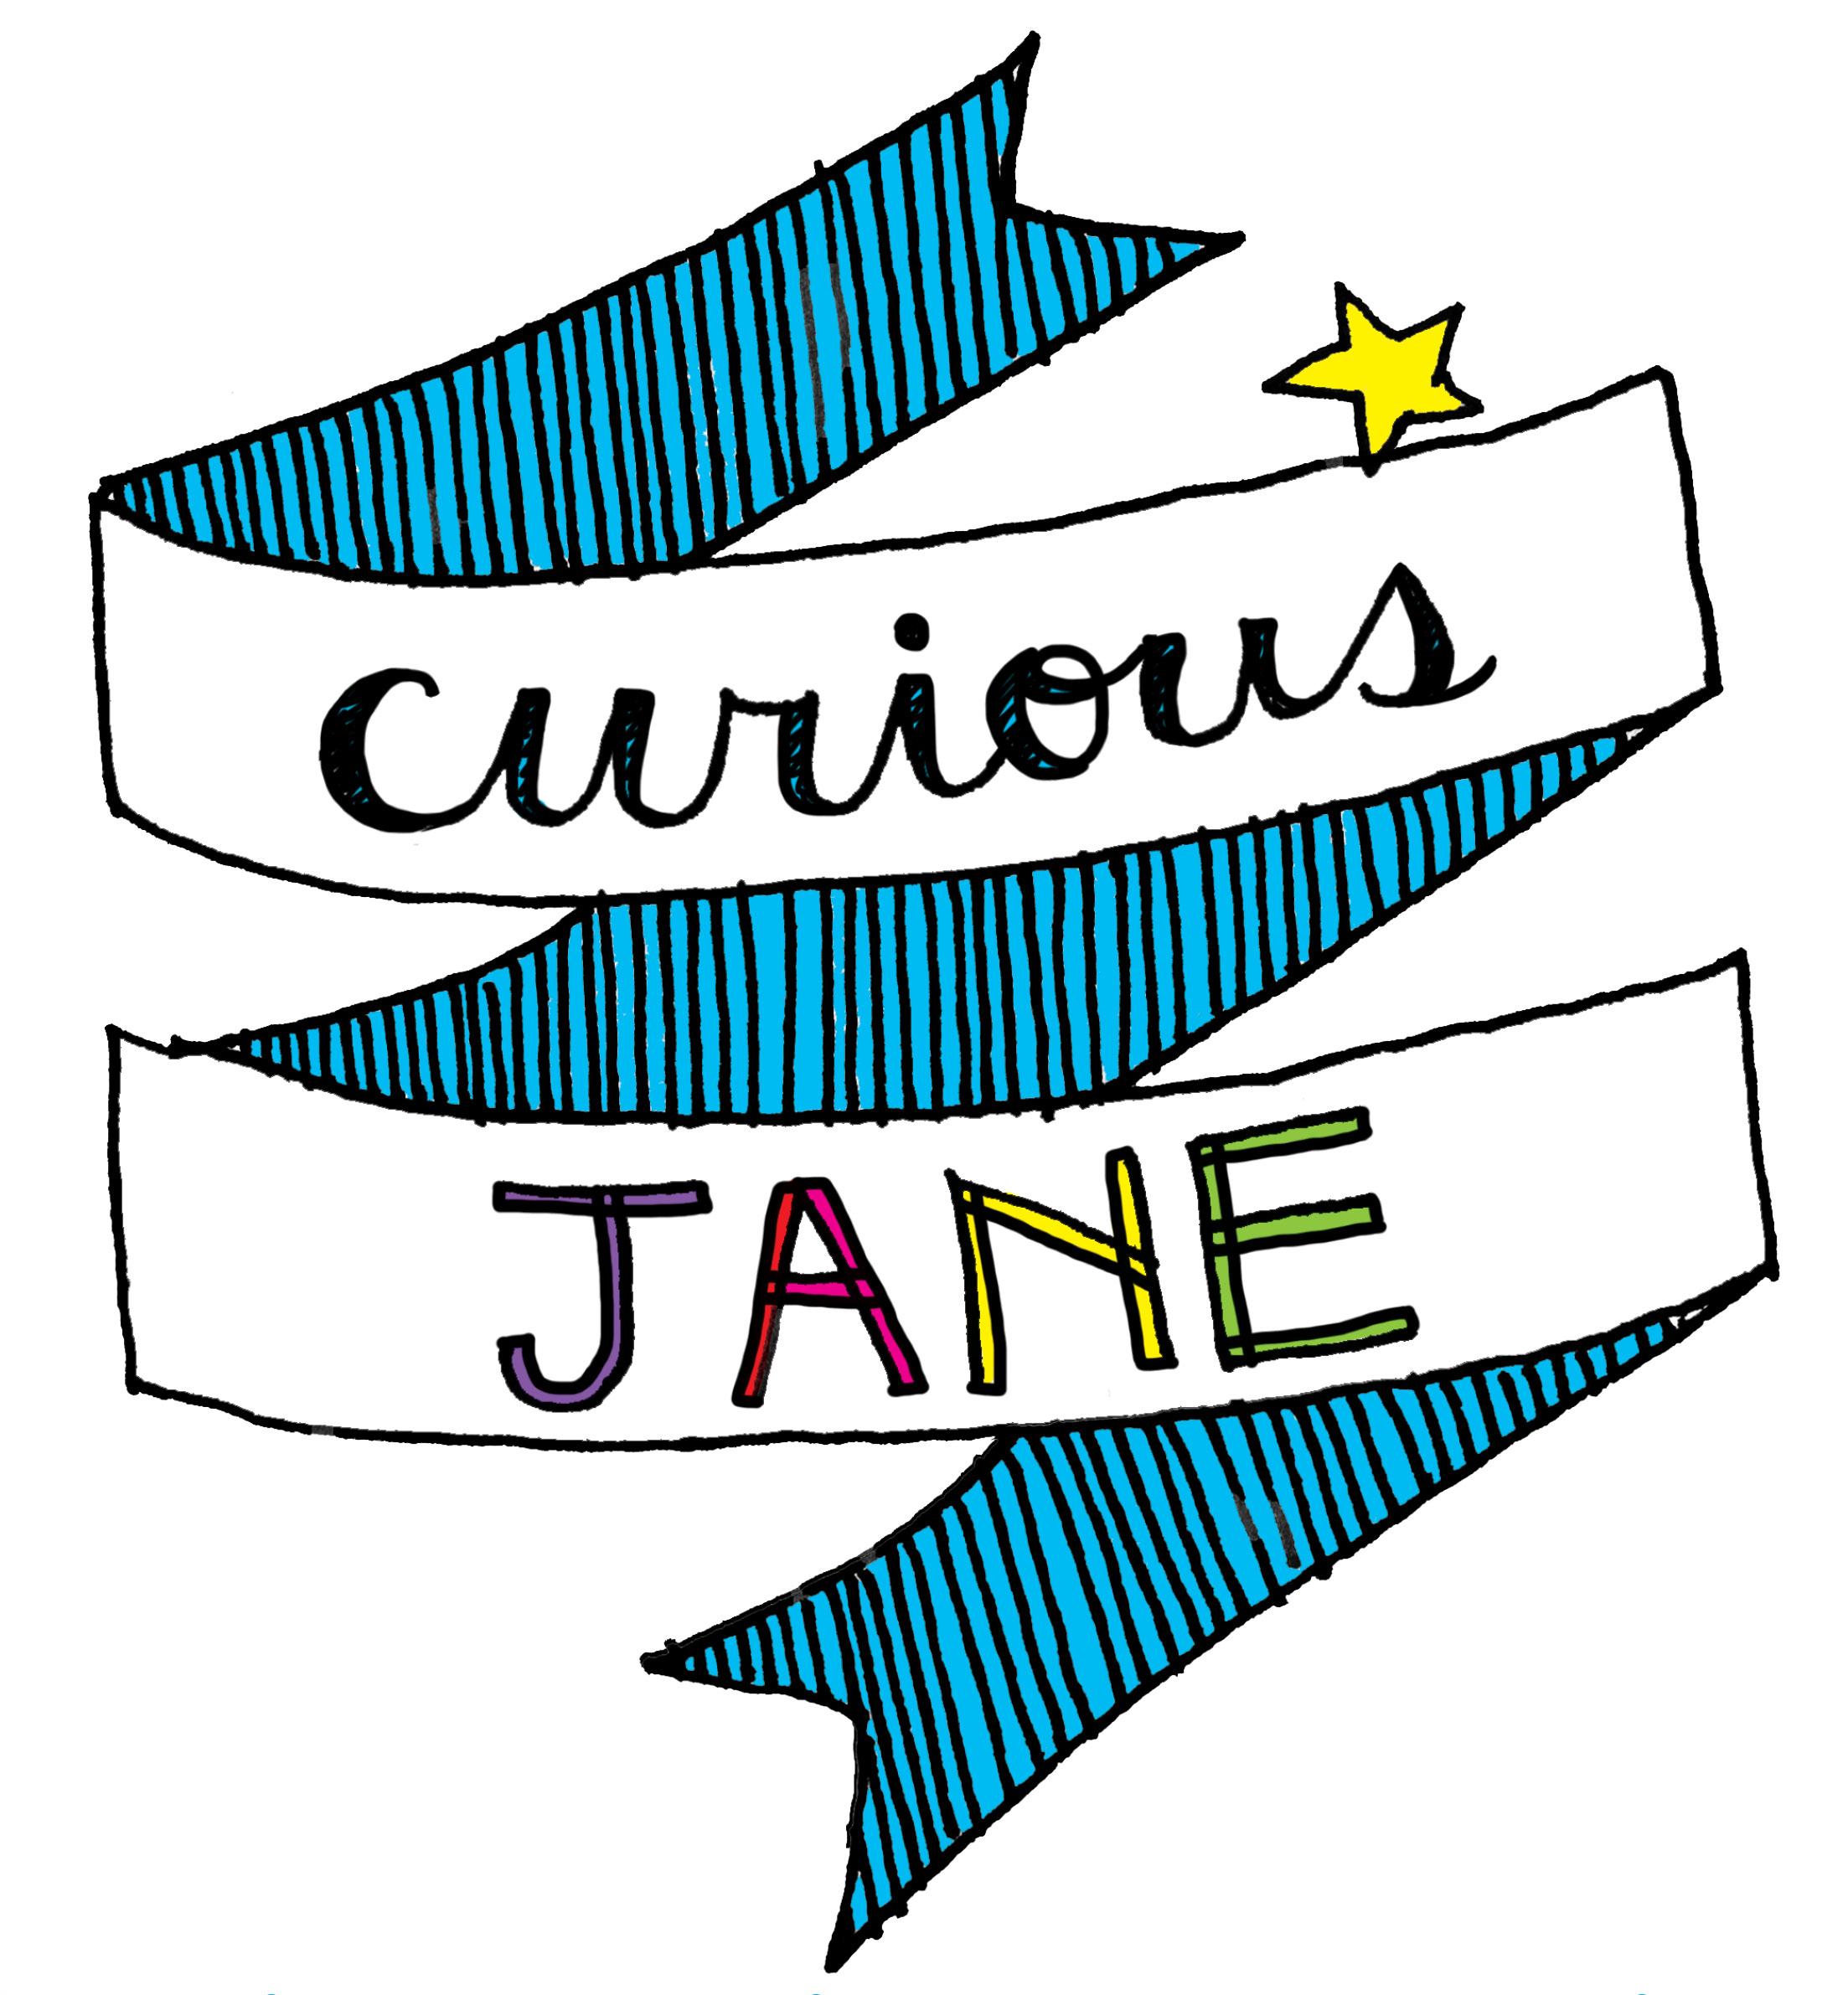 cj_logo_banner_white_square.jpg